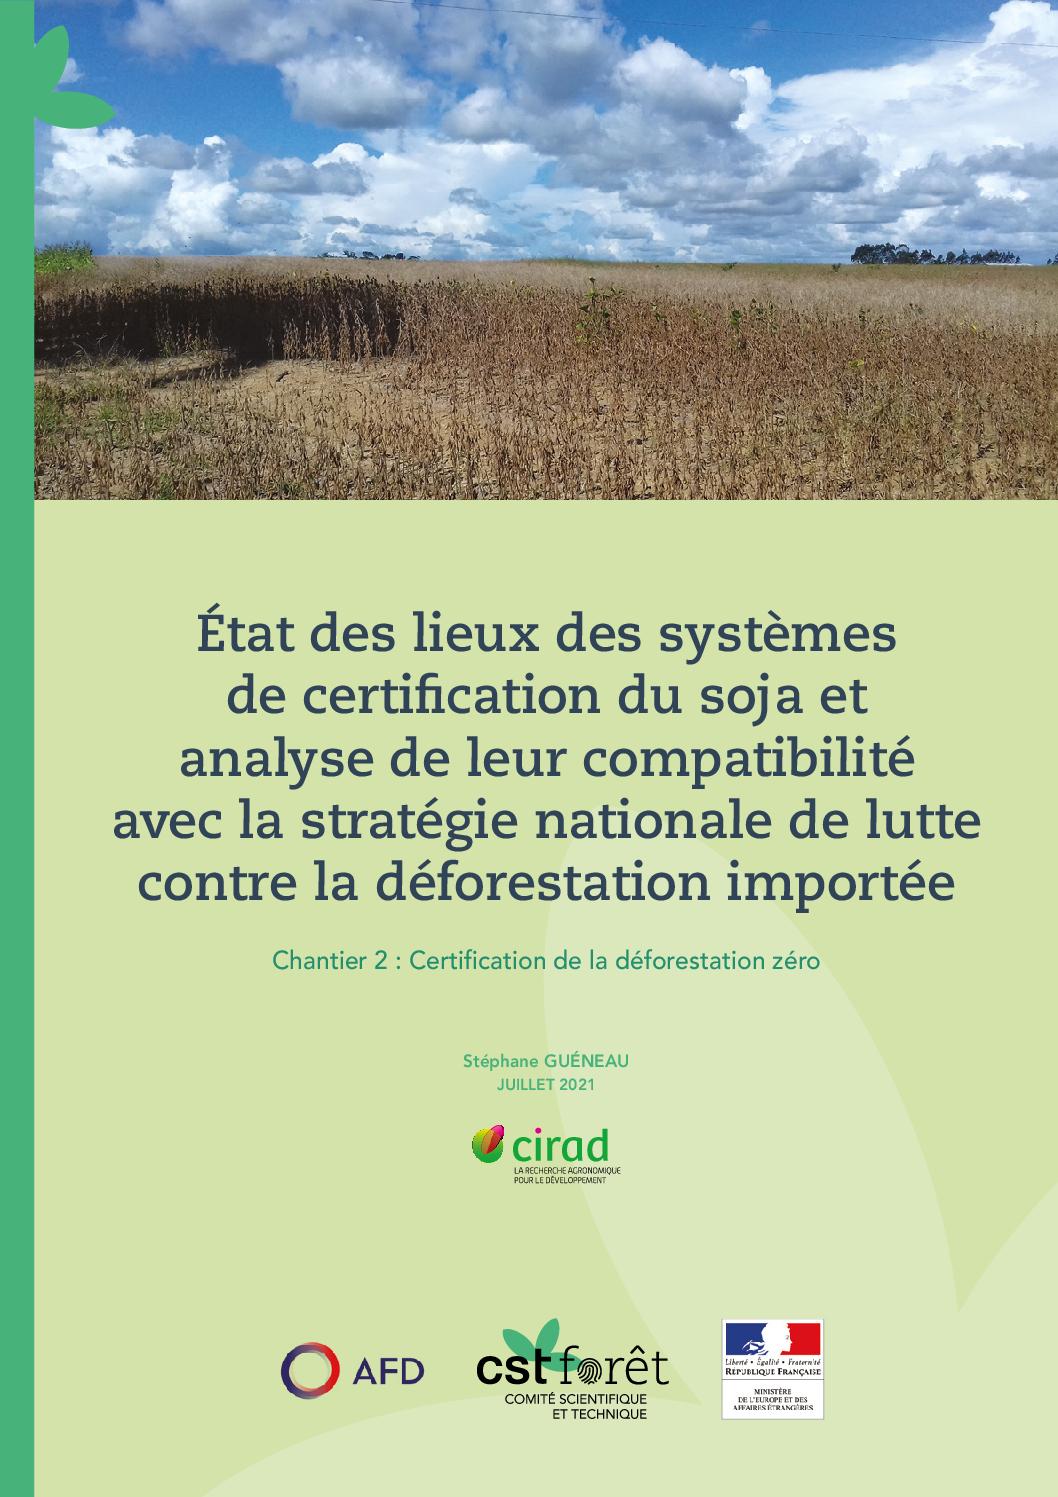 rapport-detude-etat-des-lieux-des-systemes-de-certification-du-soja-cirad